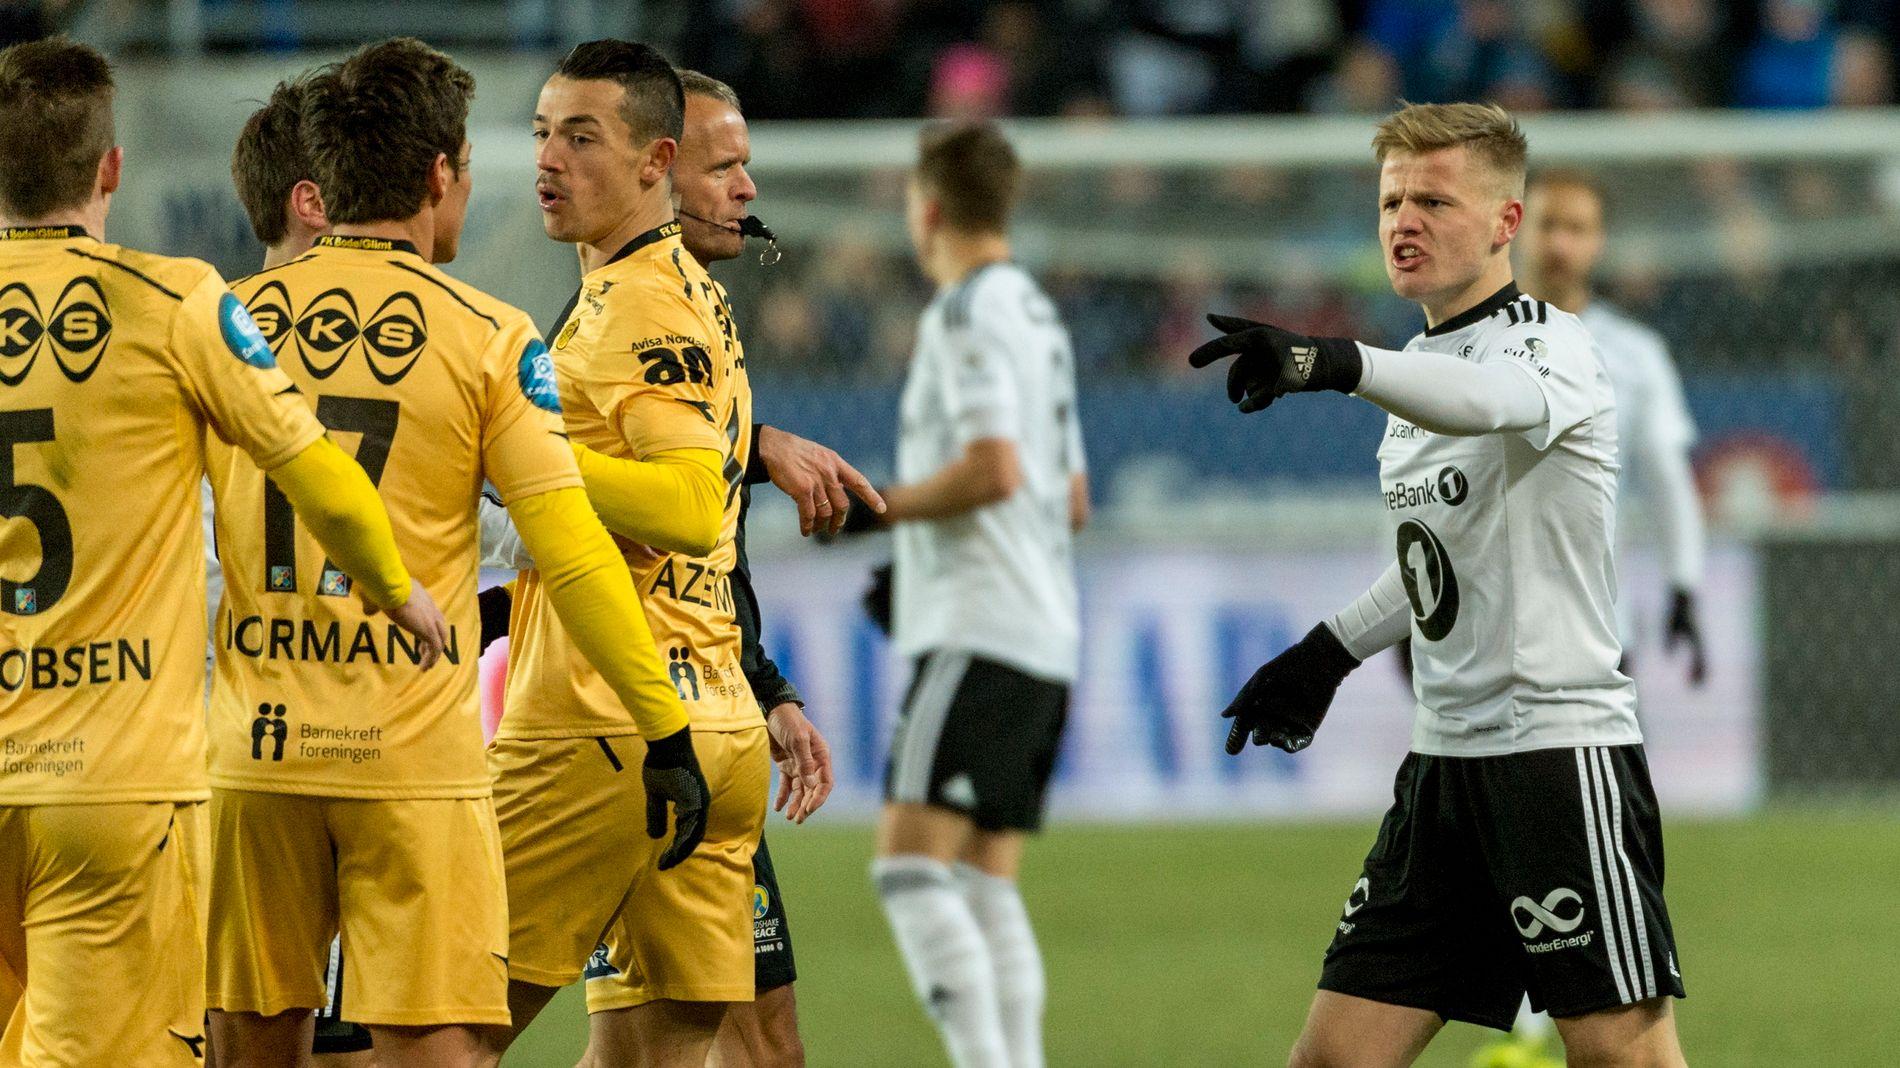 OMDISKUTERT: Glimt-spillerne flokker seg bak dommer Tommy Skjerven. Til høyre er Rosenborgs Fredrik Midtsjø. Glimt-spillerne var langt fra fornøyd med flere av dommerens avgjørelser underveis i kampen mot Rosenborg.